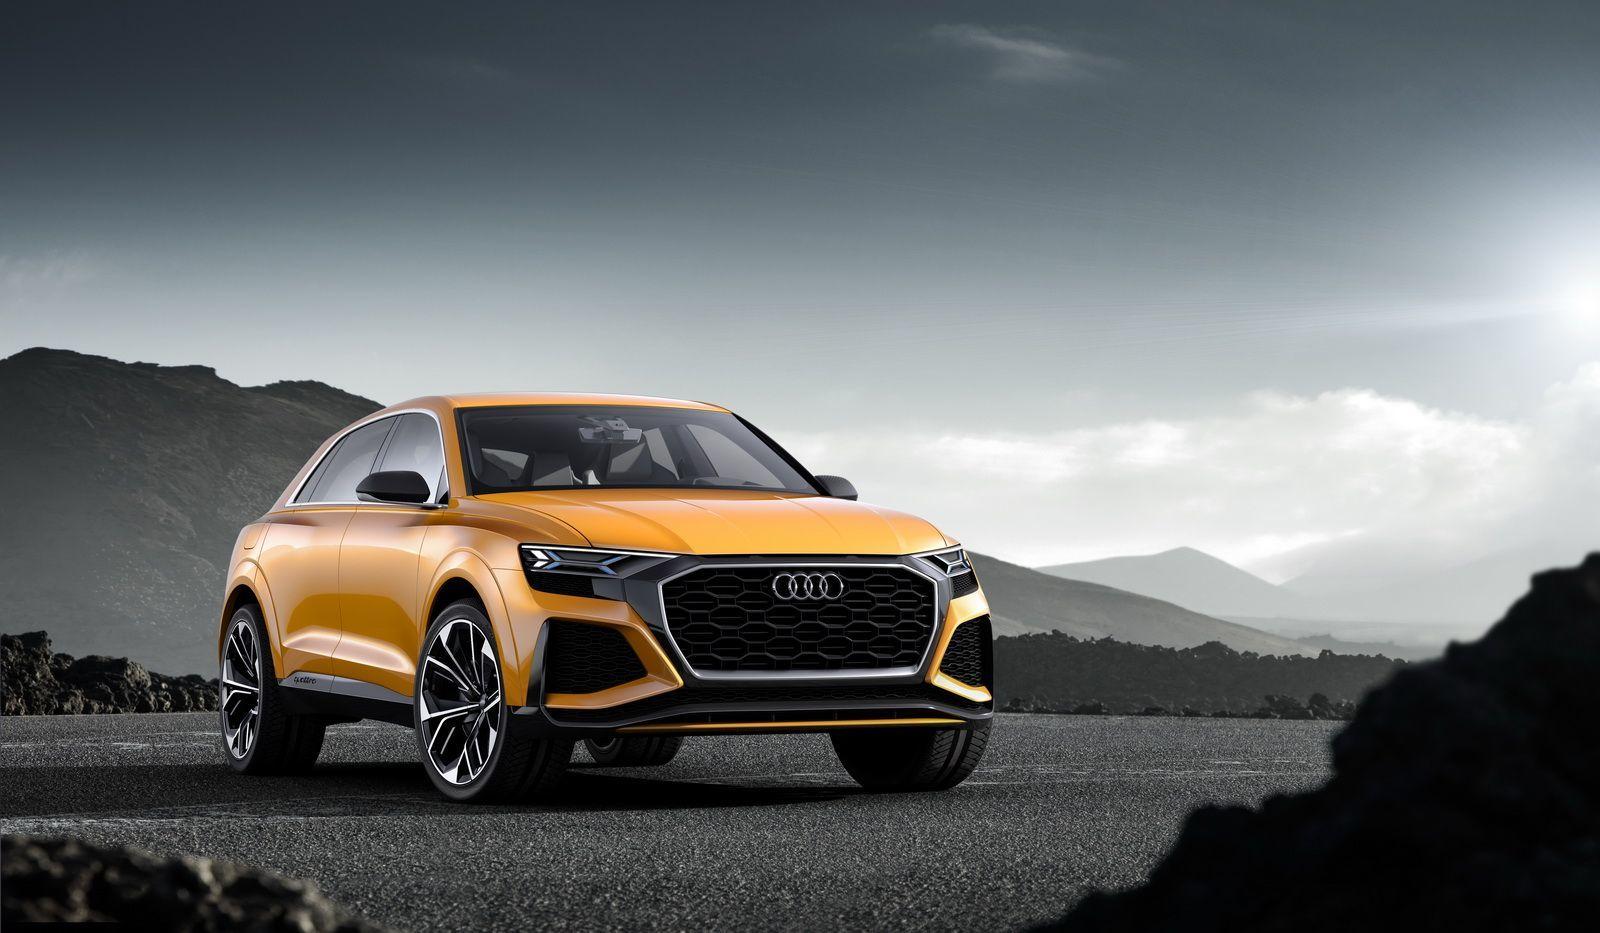 「Audi Sport 電氣化」在不久的將來,Audi RS系列車型將裝載Hybrid混合動力系統